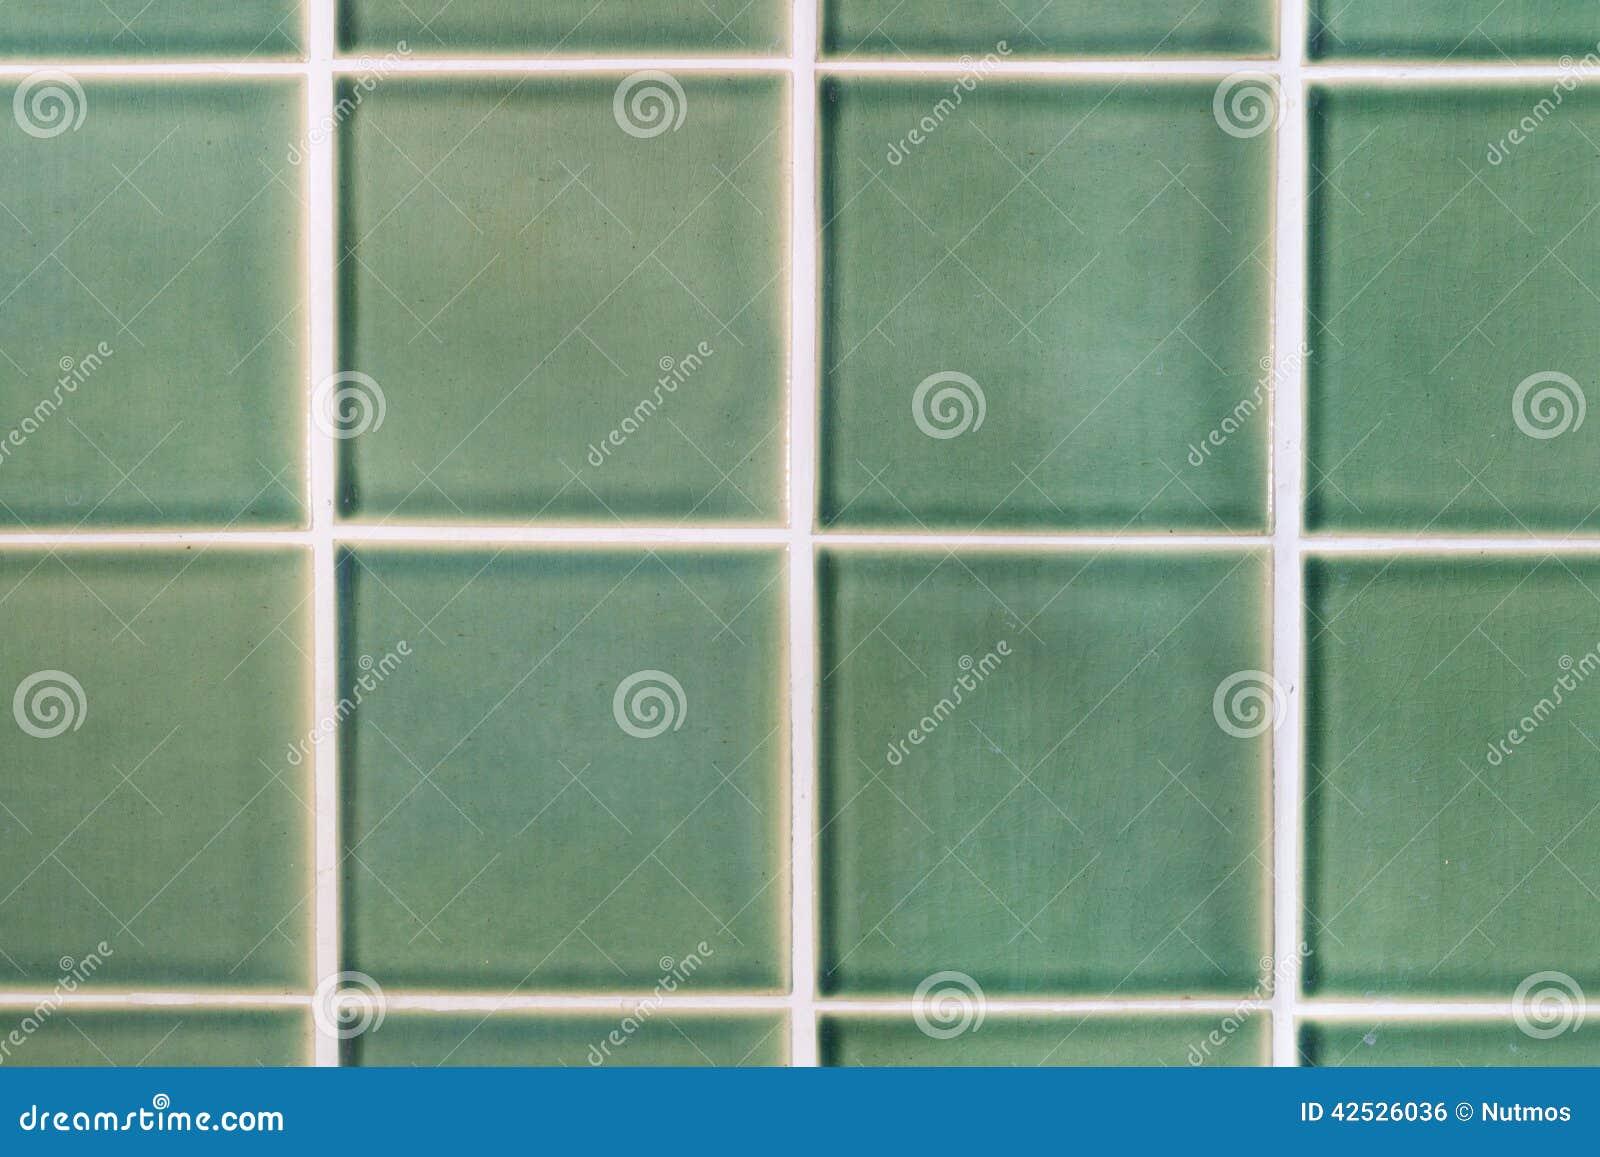 Grüne Fliese stockfoto. Bild von boden, auslegung, wand - 42526036